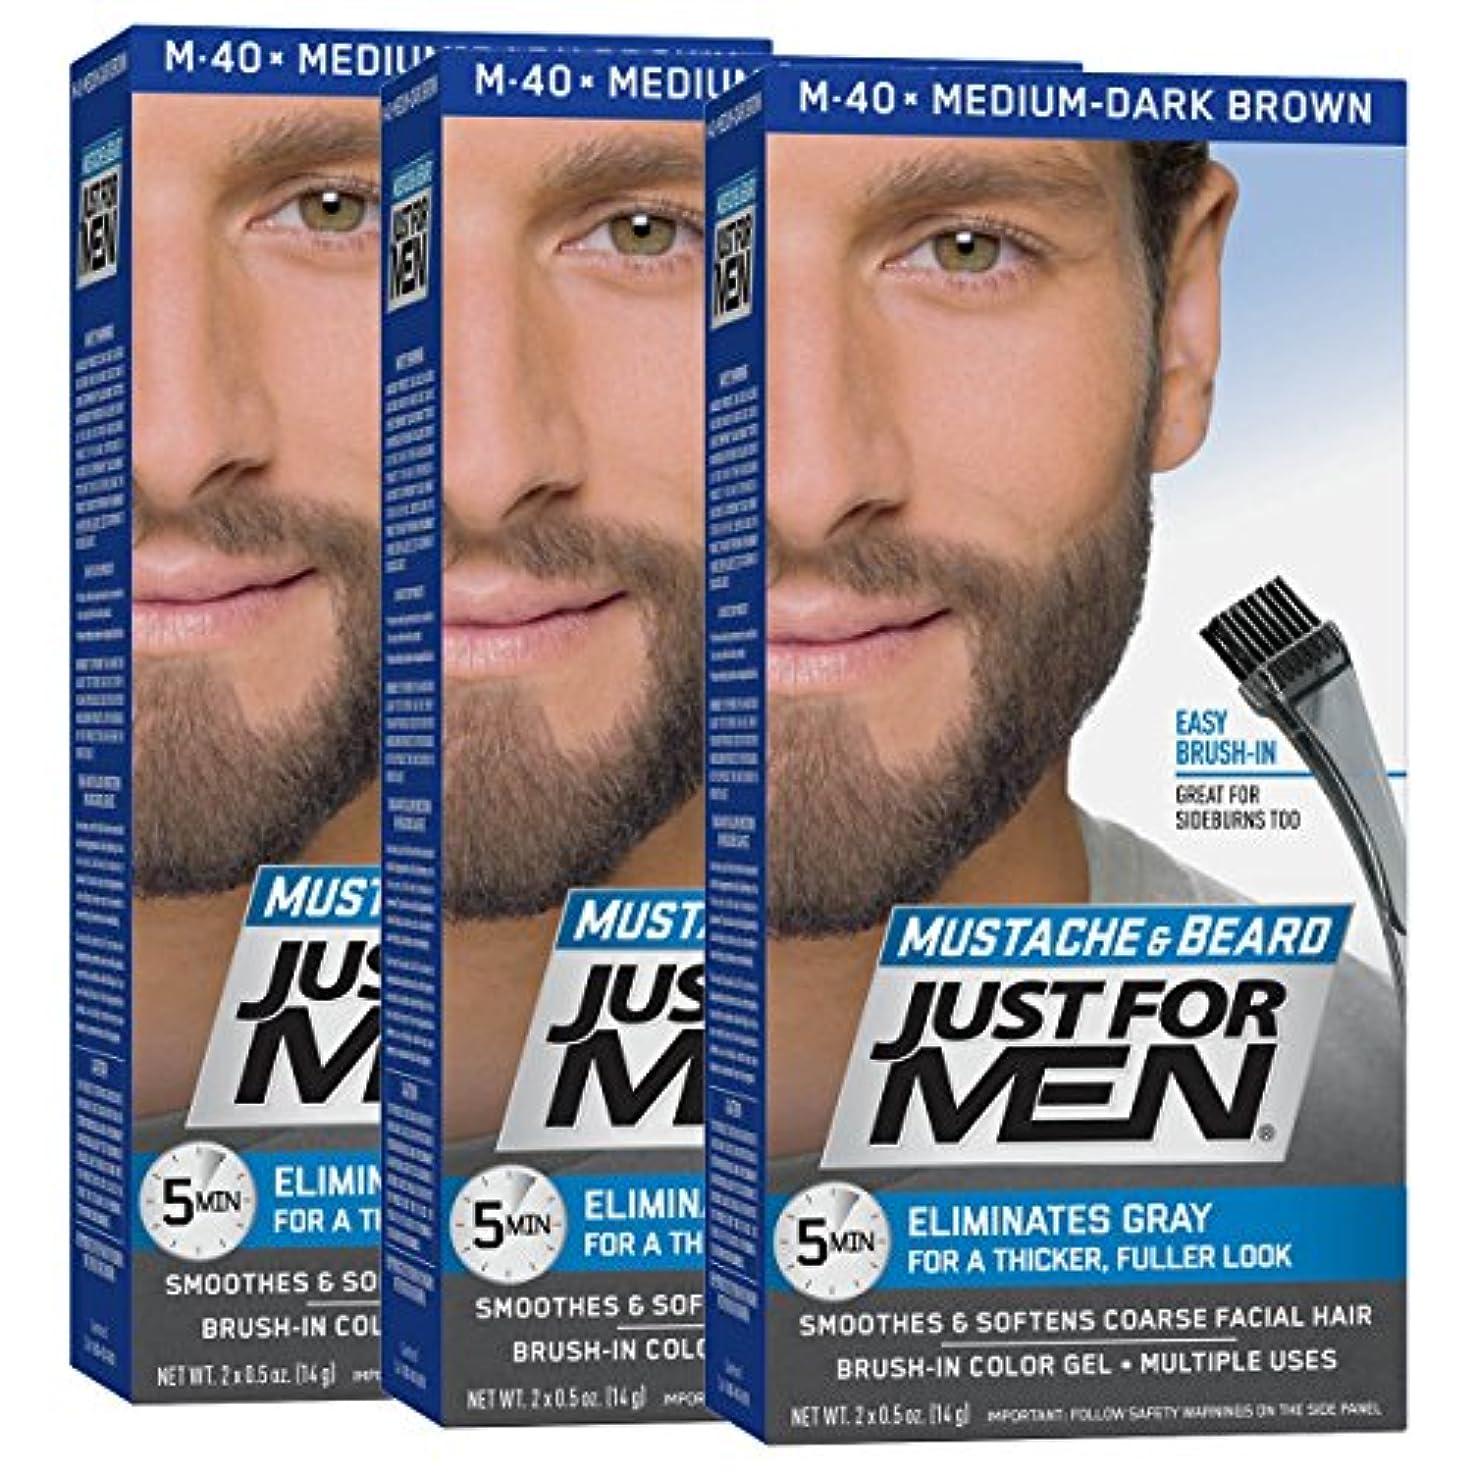 口頭無謀従順Just for Men 口ひげ&髭ブラシ-のカラージェル、ミディアム?ダークブラウン(3パック、パッケージングは??変更になる場合があります) 3 05ミディアム、ダークブラウン